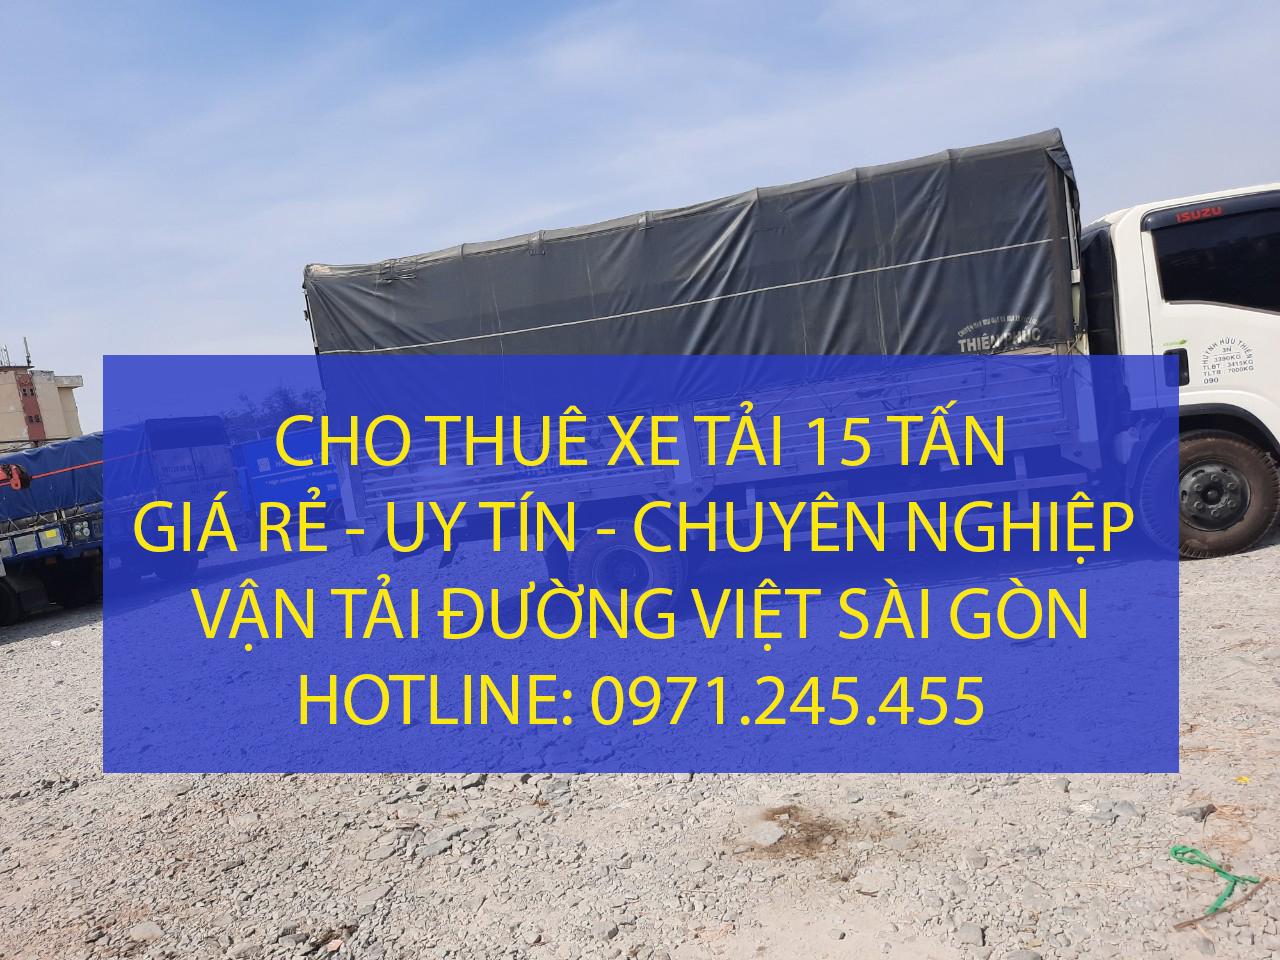 Cho thuê xe tải 15 tấn – xe 3 chân chở hàng tại TPHCM – Vận tải Đường Việt Sài Gòn